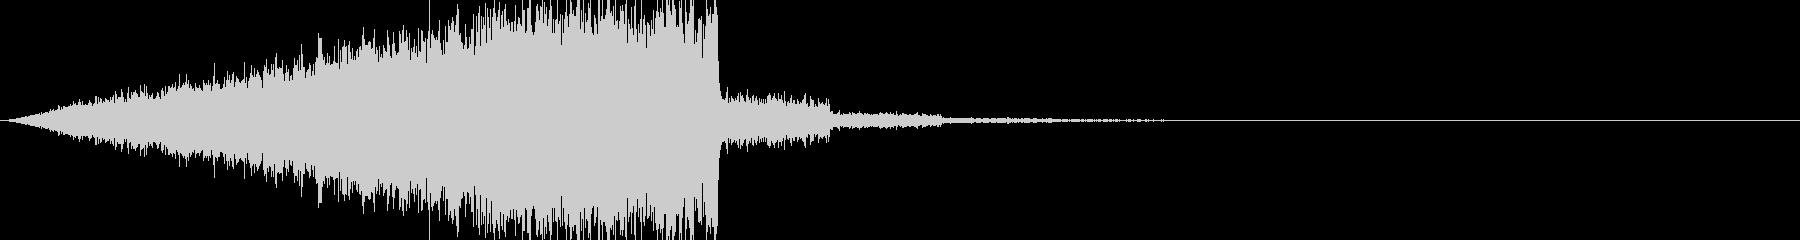 ヒューンと何かが通り過ぎるゲーム効果音の未再生の波形